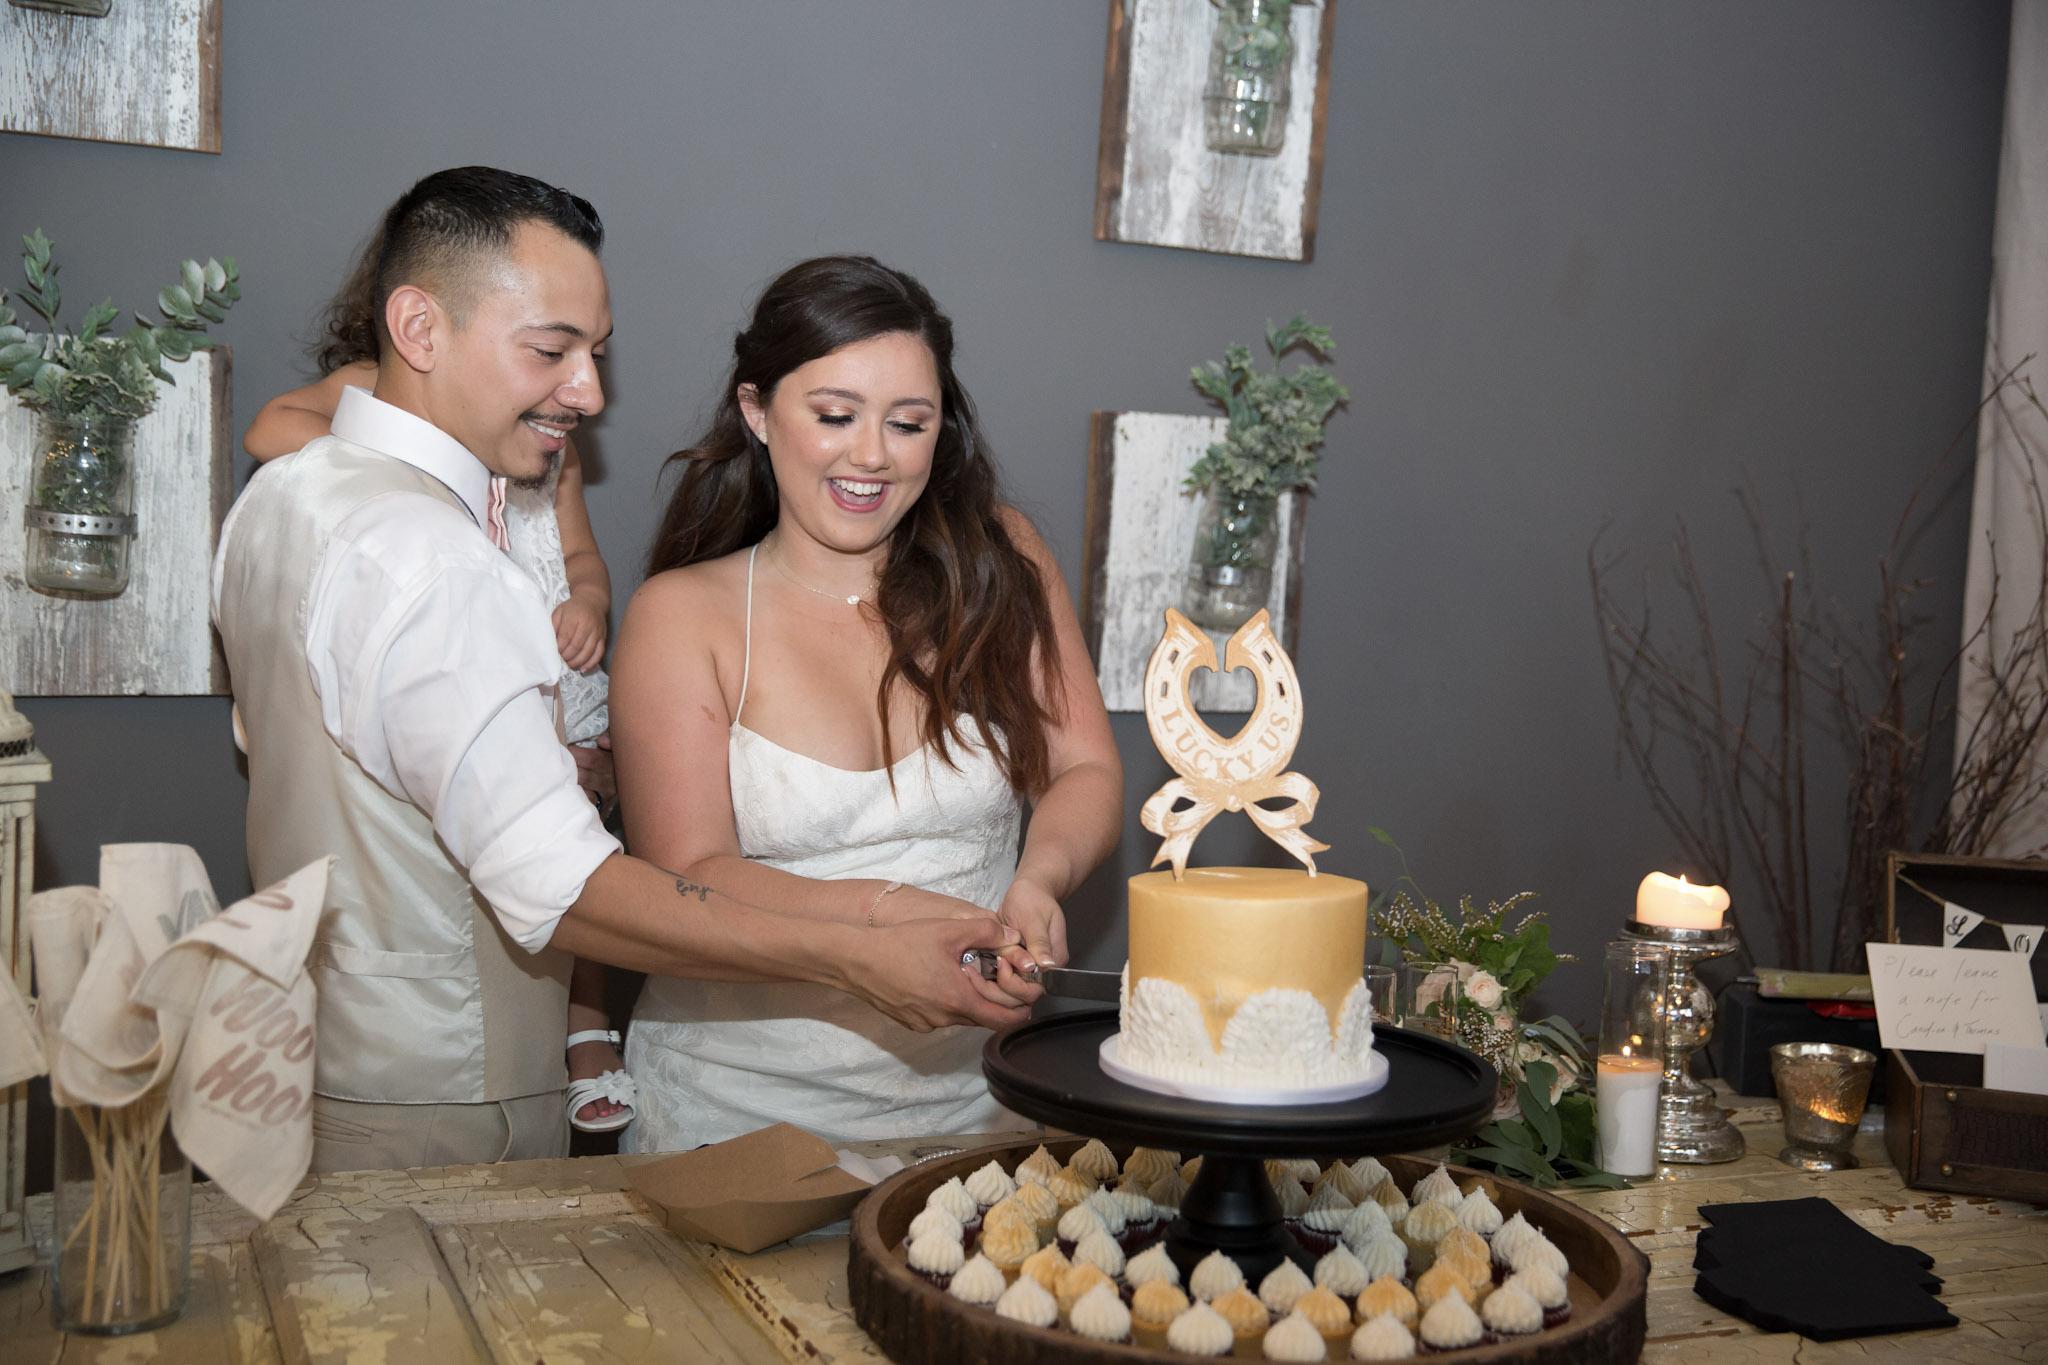 Kansas_City_Small_Intimate_Budget_Wedding_Venue_IMG-149.jpg